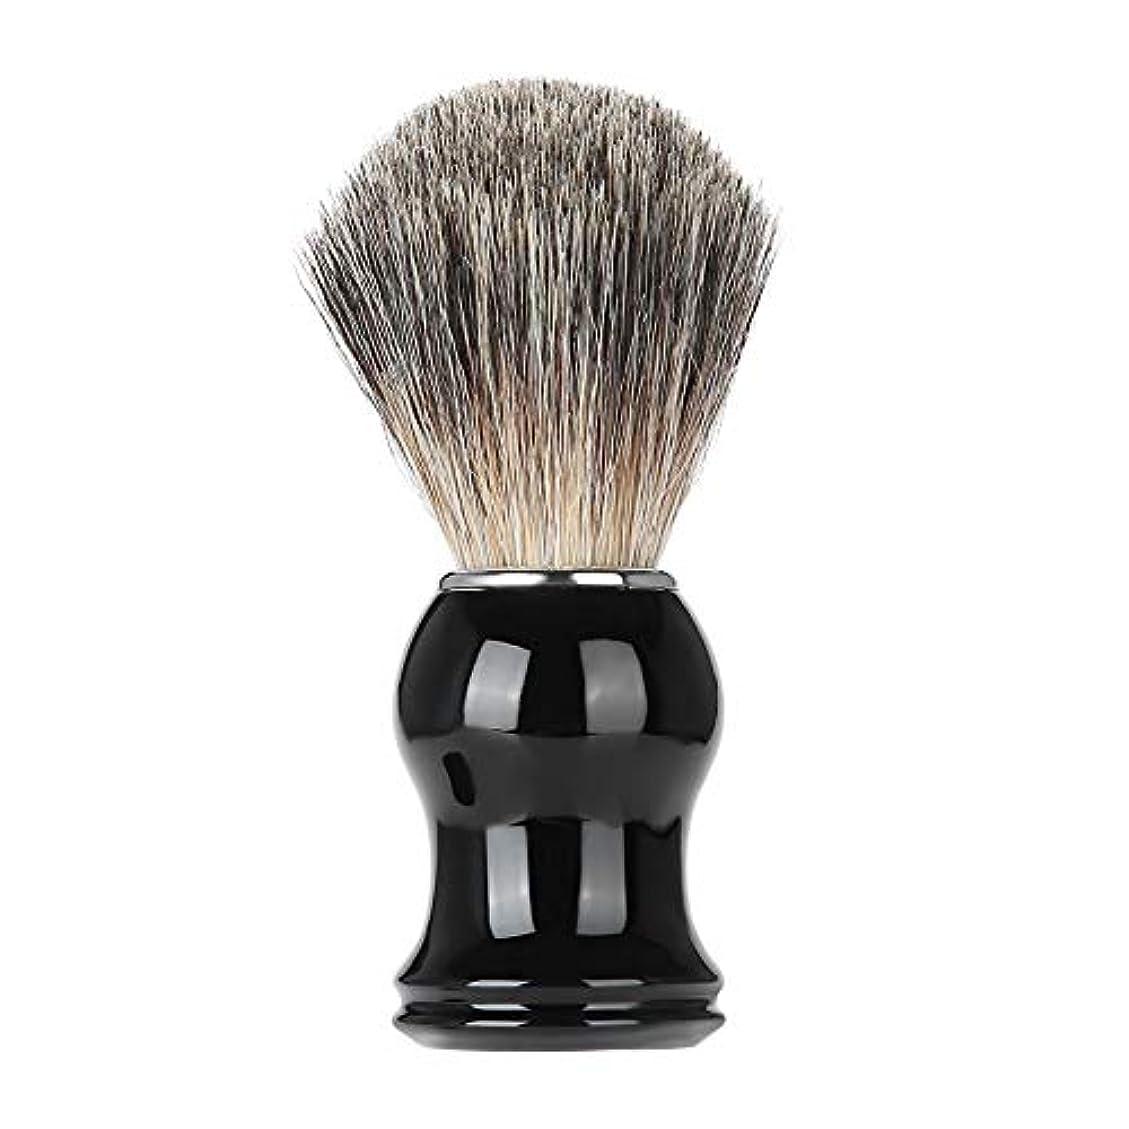 安定脚目の前のNitrip シェービングブラシ ひげブラシ ひげケア アナグマ毛 理容 洗顔 髭剃り 泡立ち シェービング用アクセサリー 男性用 高級